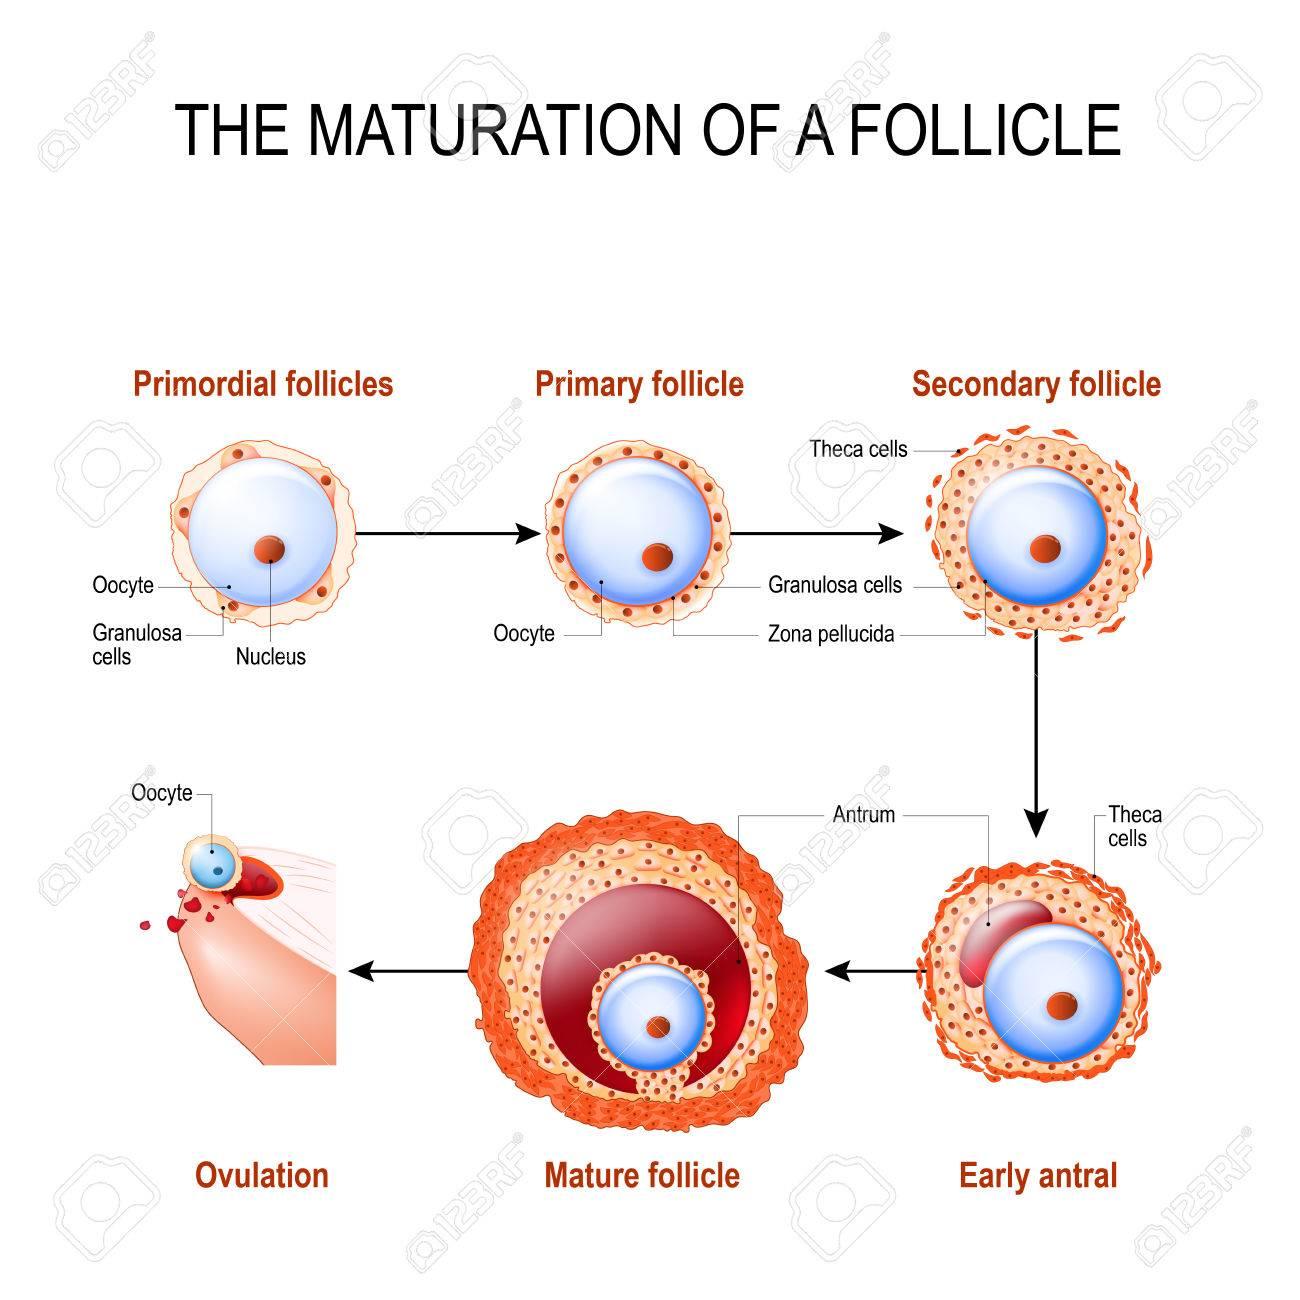 Ovulation Follicle